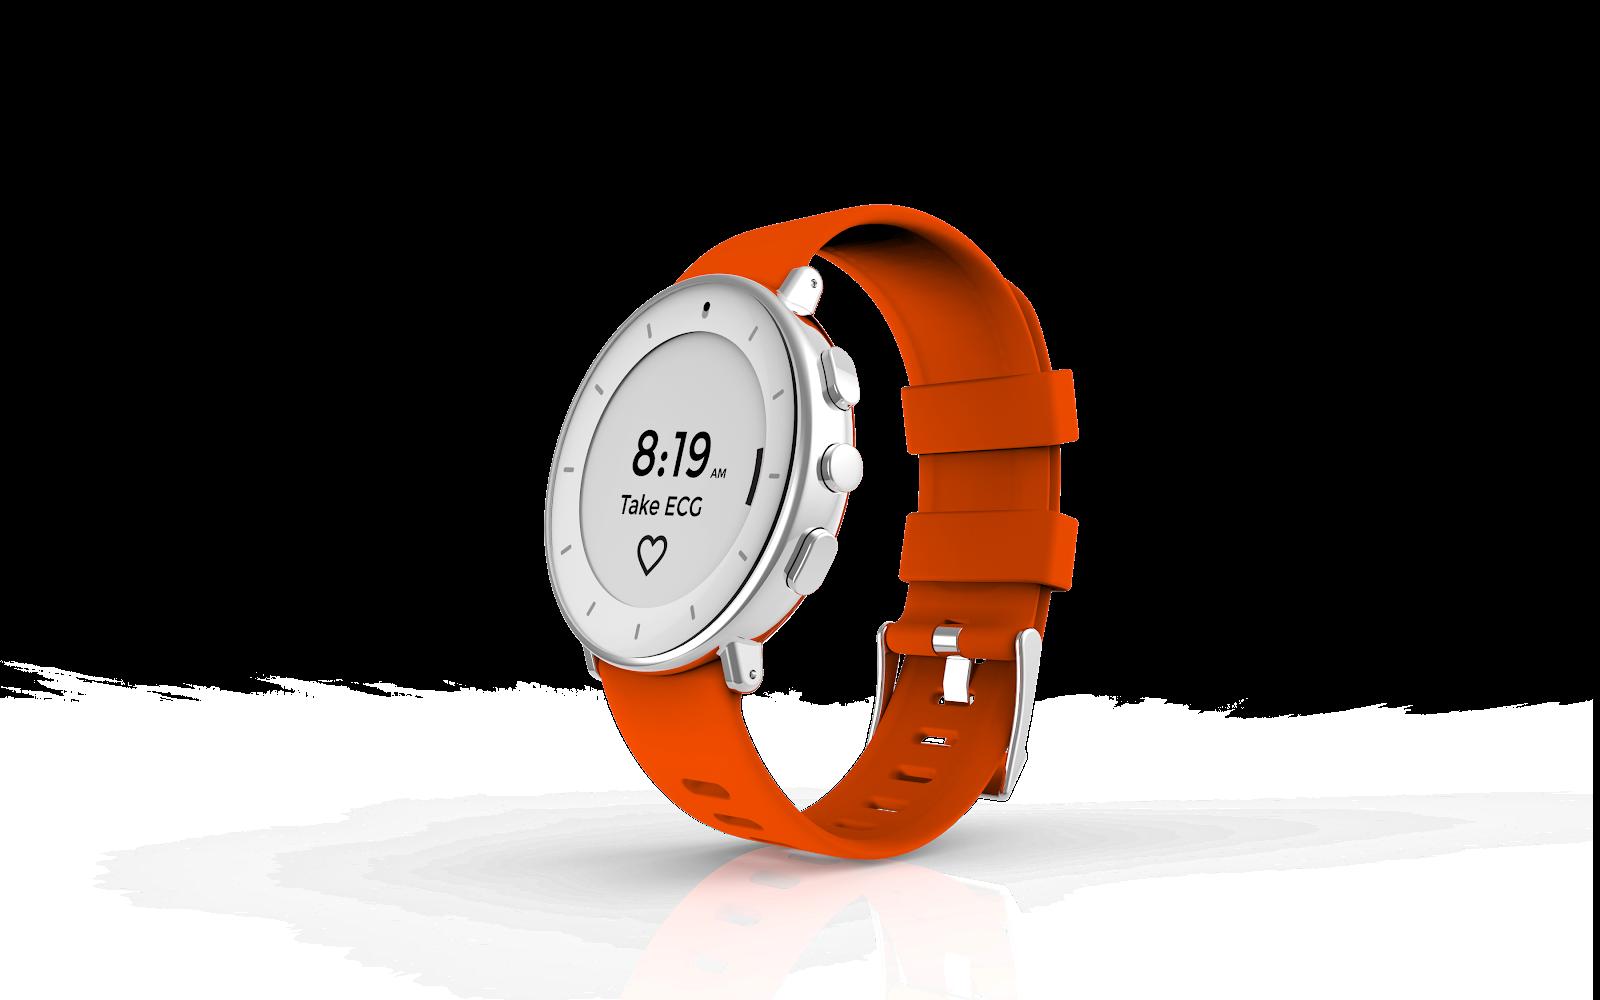 Verily Blog: Verily Study Watch Receives FDA 510(k